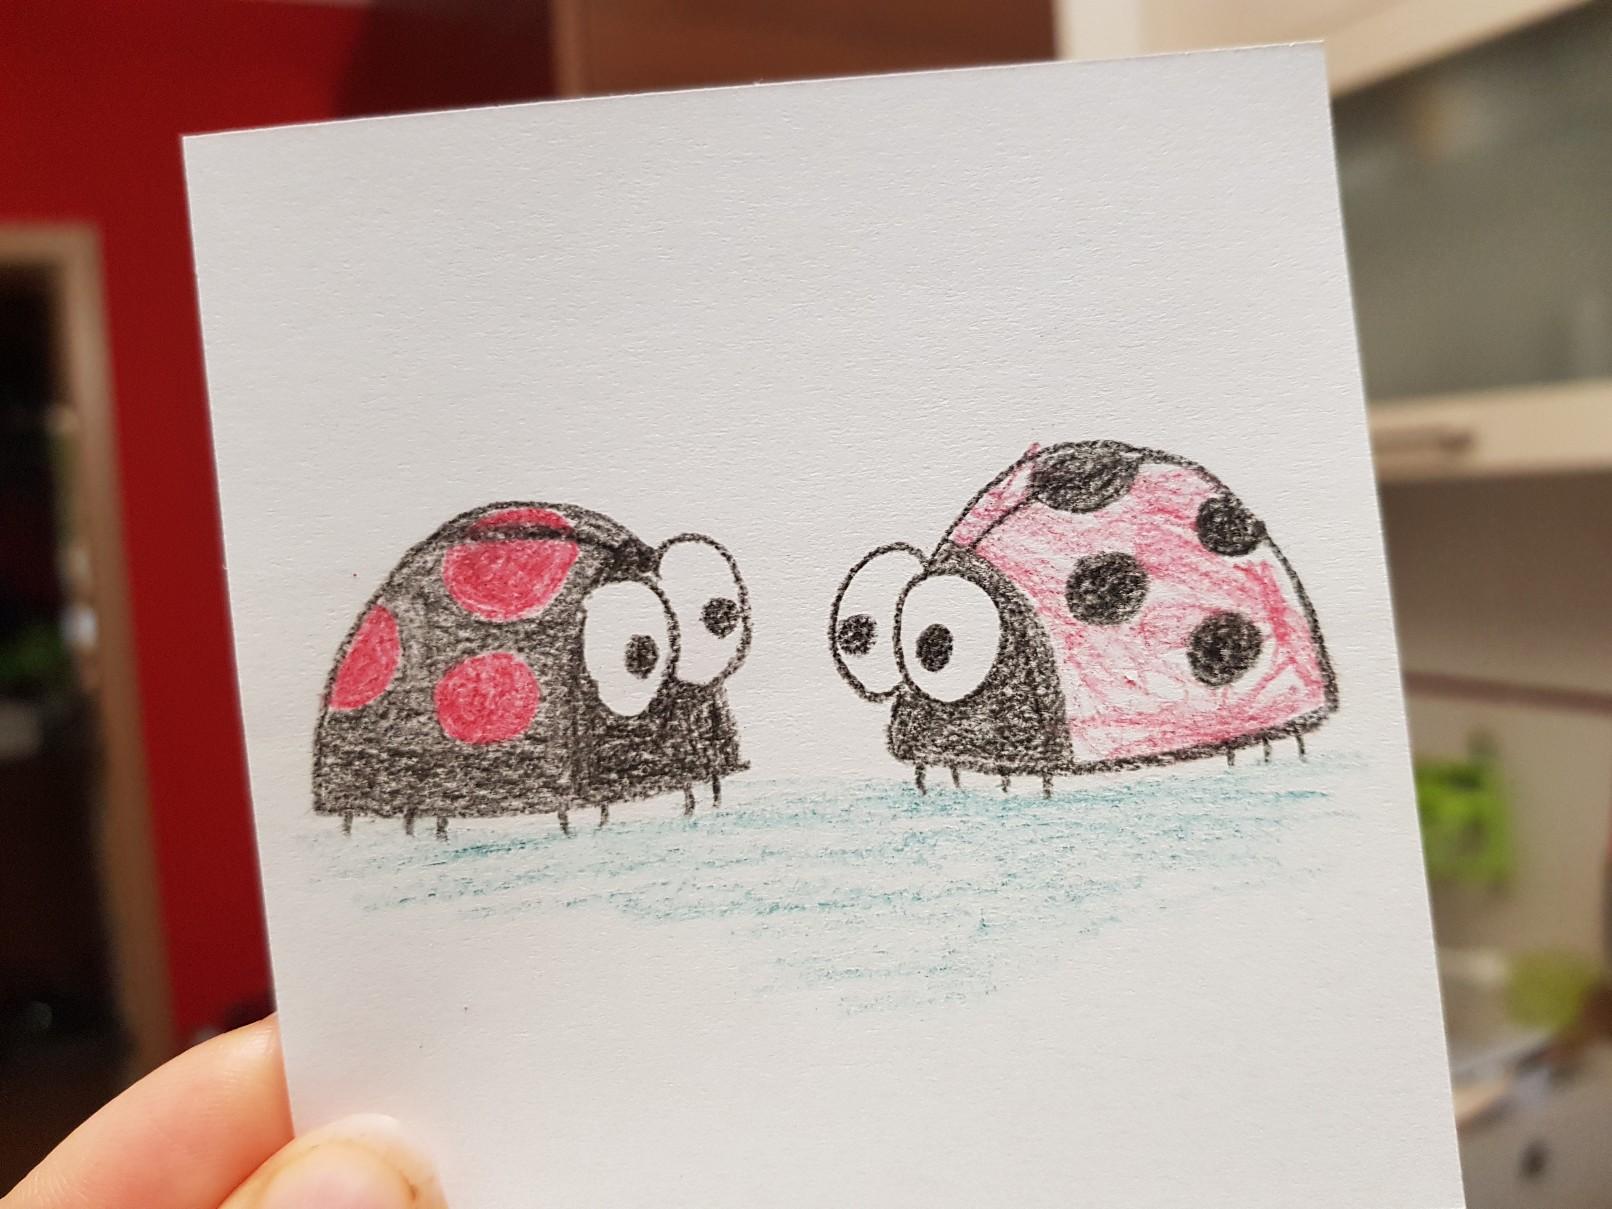 lunchbox art ladybug minuscule